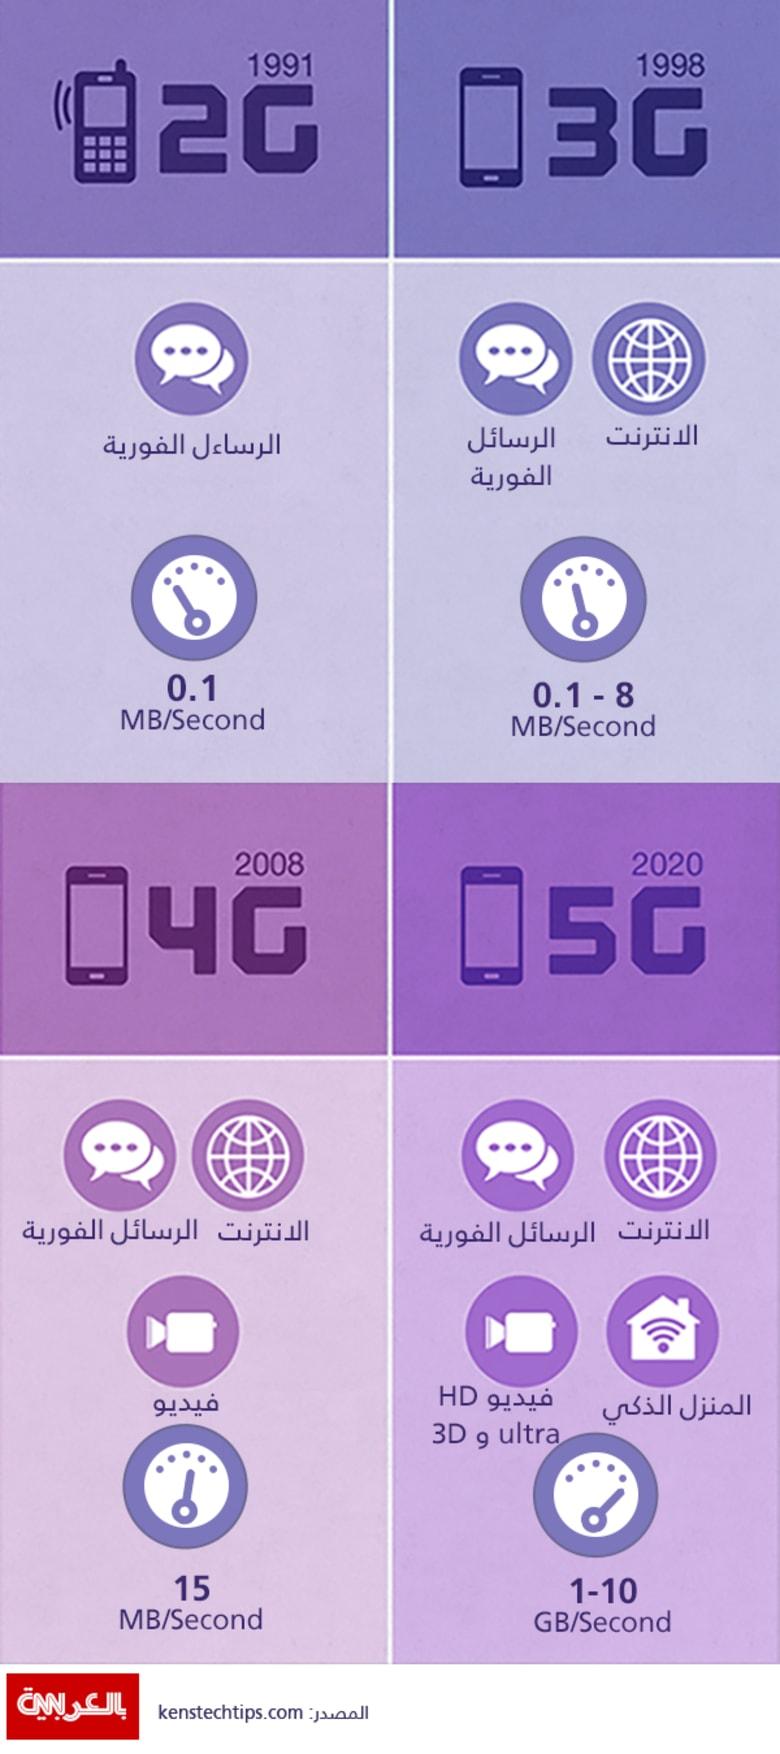 ما هو الفرق بين أجيال شبكات الاتصال؟ وما الذي سيميز شبكة 5G؟